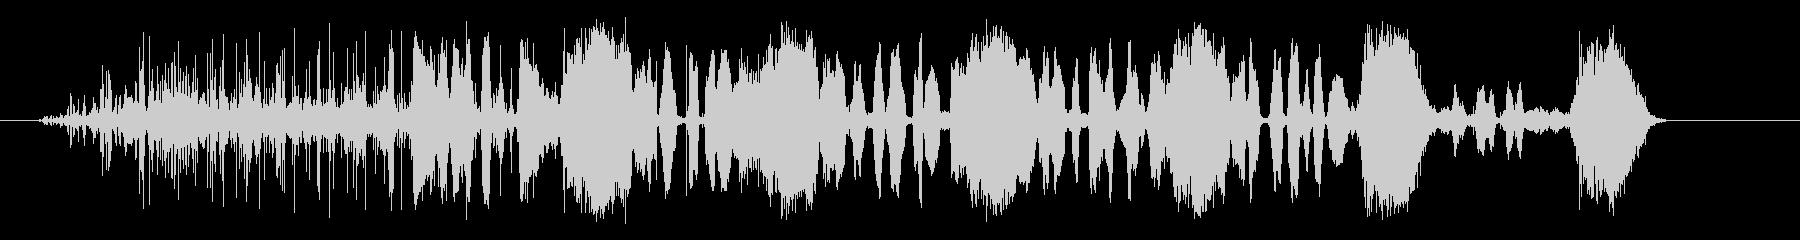 エルロシオビバスアロシオの未再生の波形